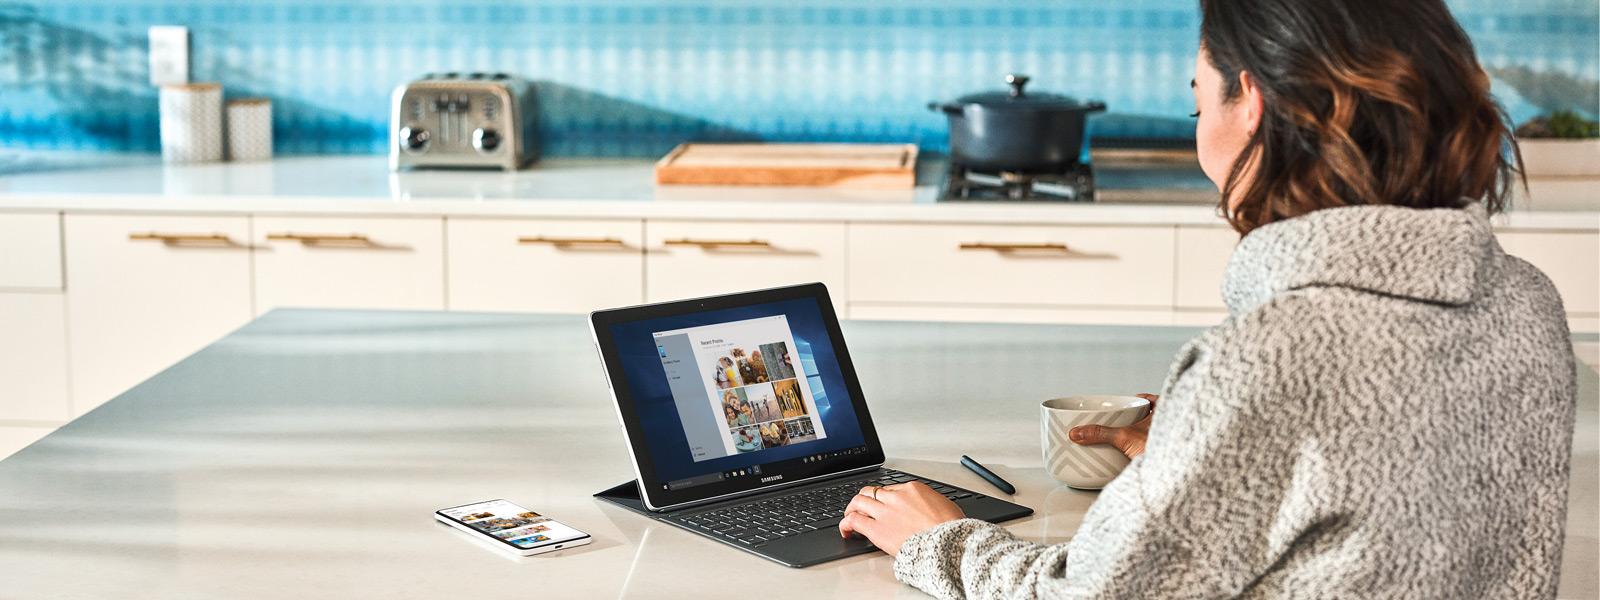 Vrouw zittend aan aanrechtblad gebruikt Windows 10-laptop met haar mobiele telefoon